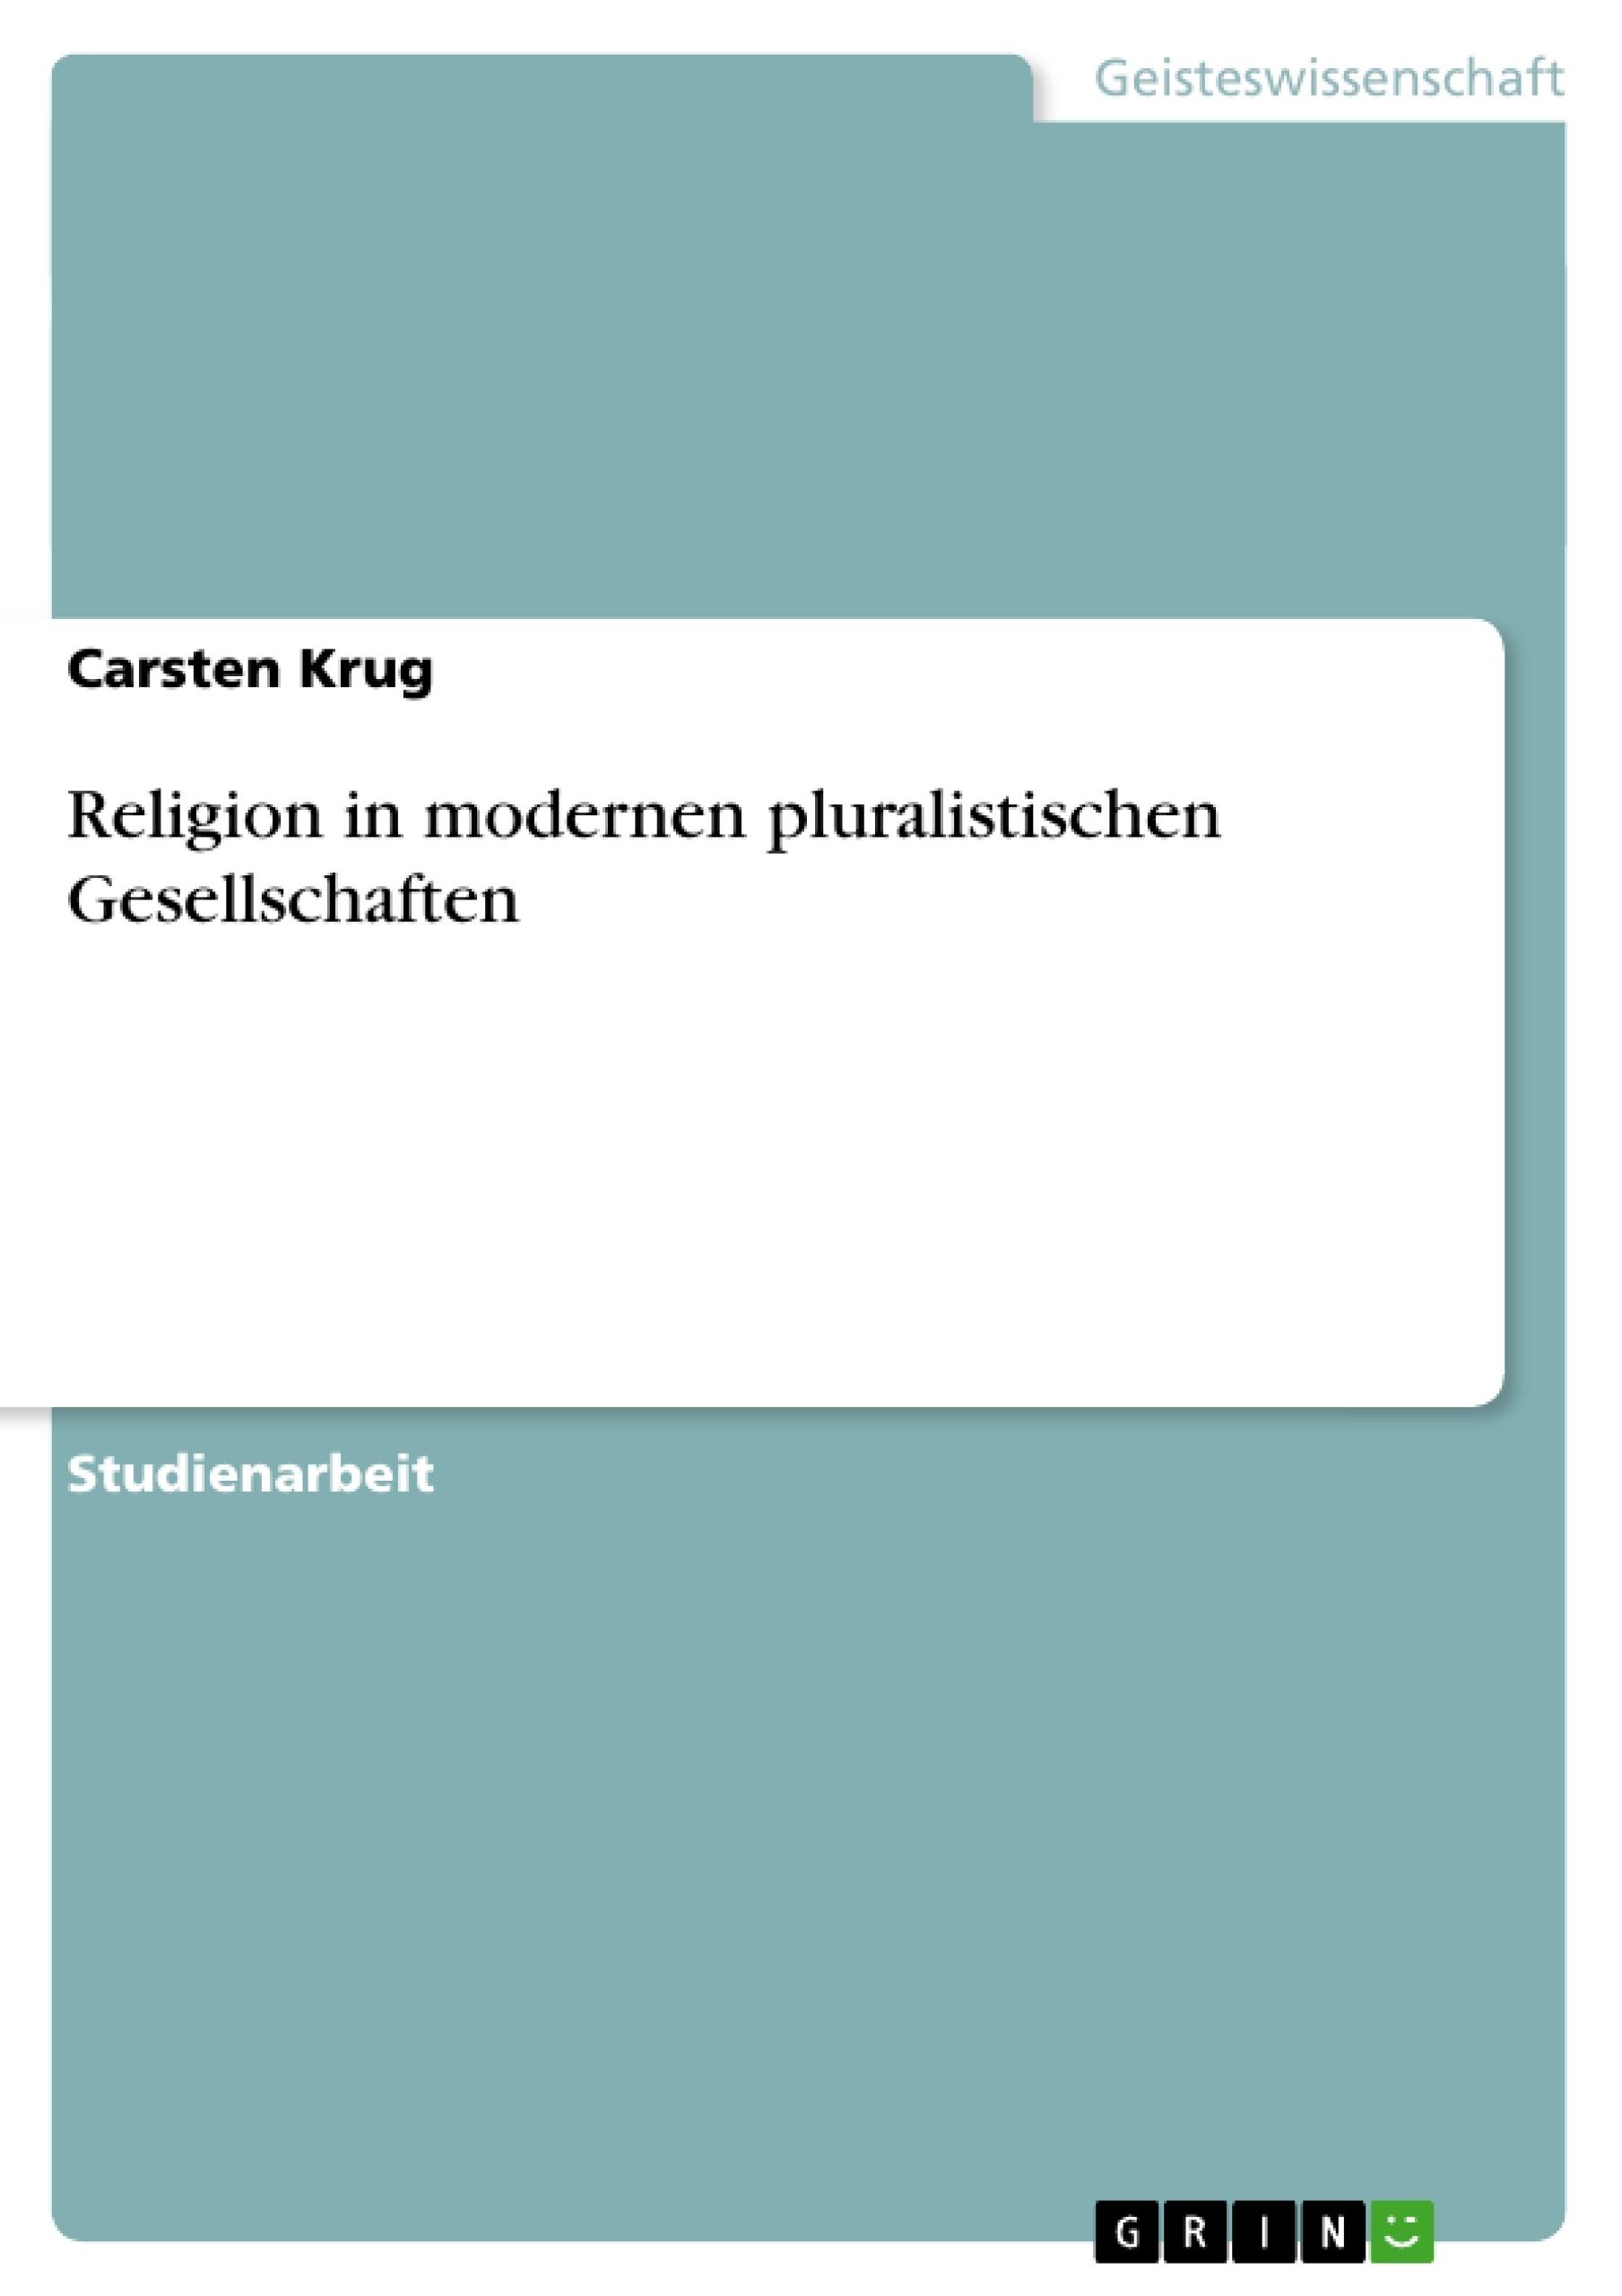 Titel: Religion in modernen pluralistischen Gesellschaften